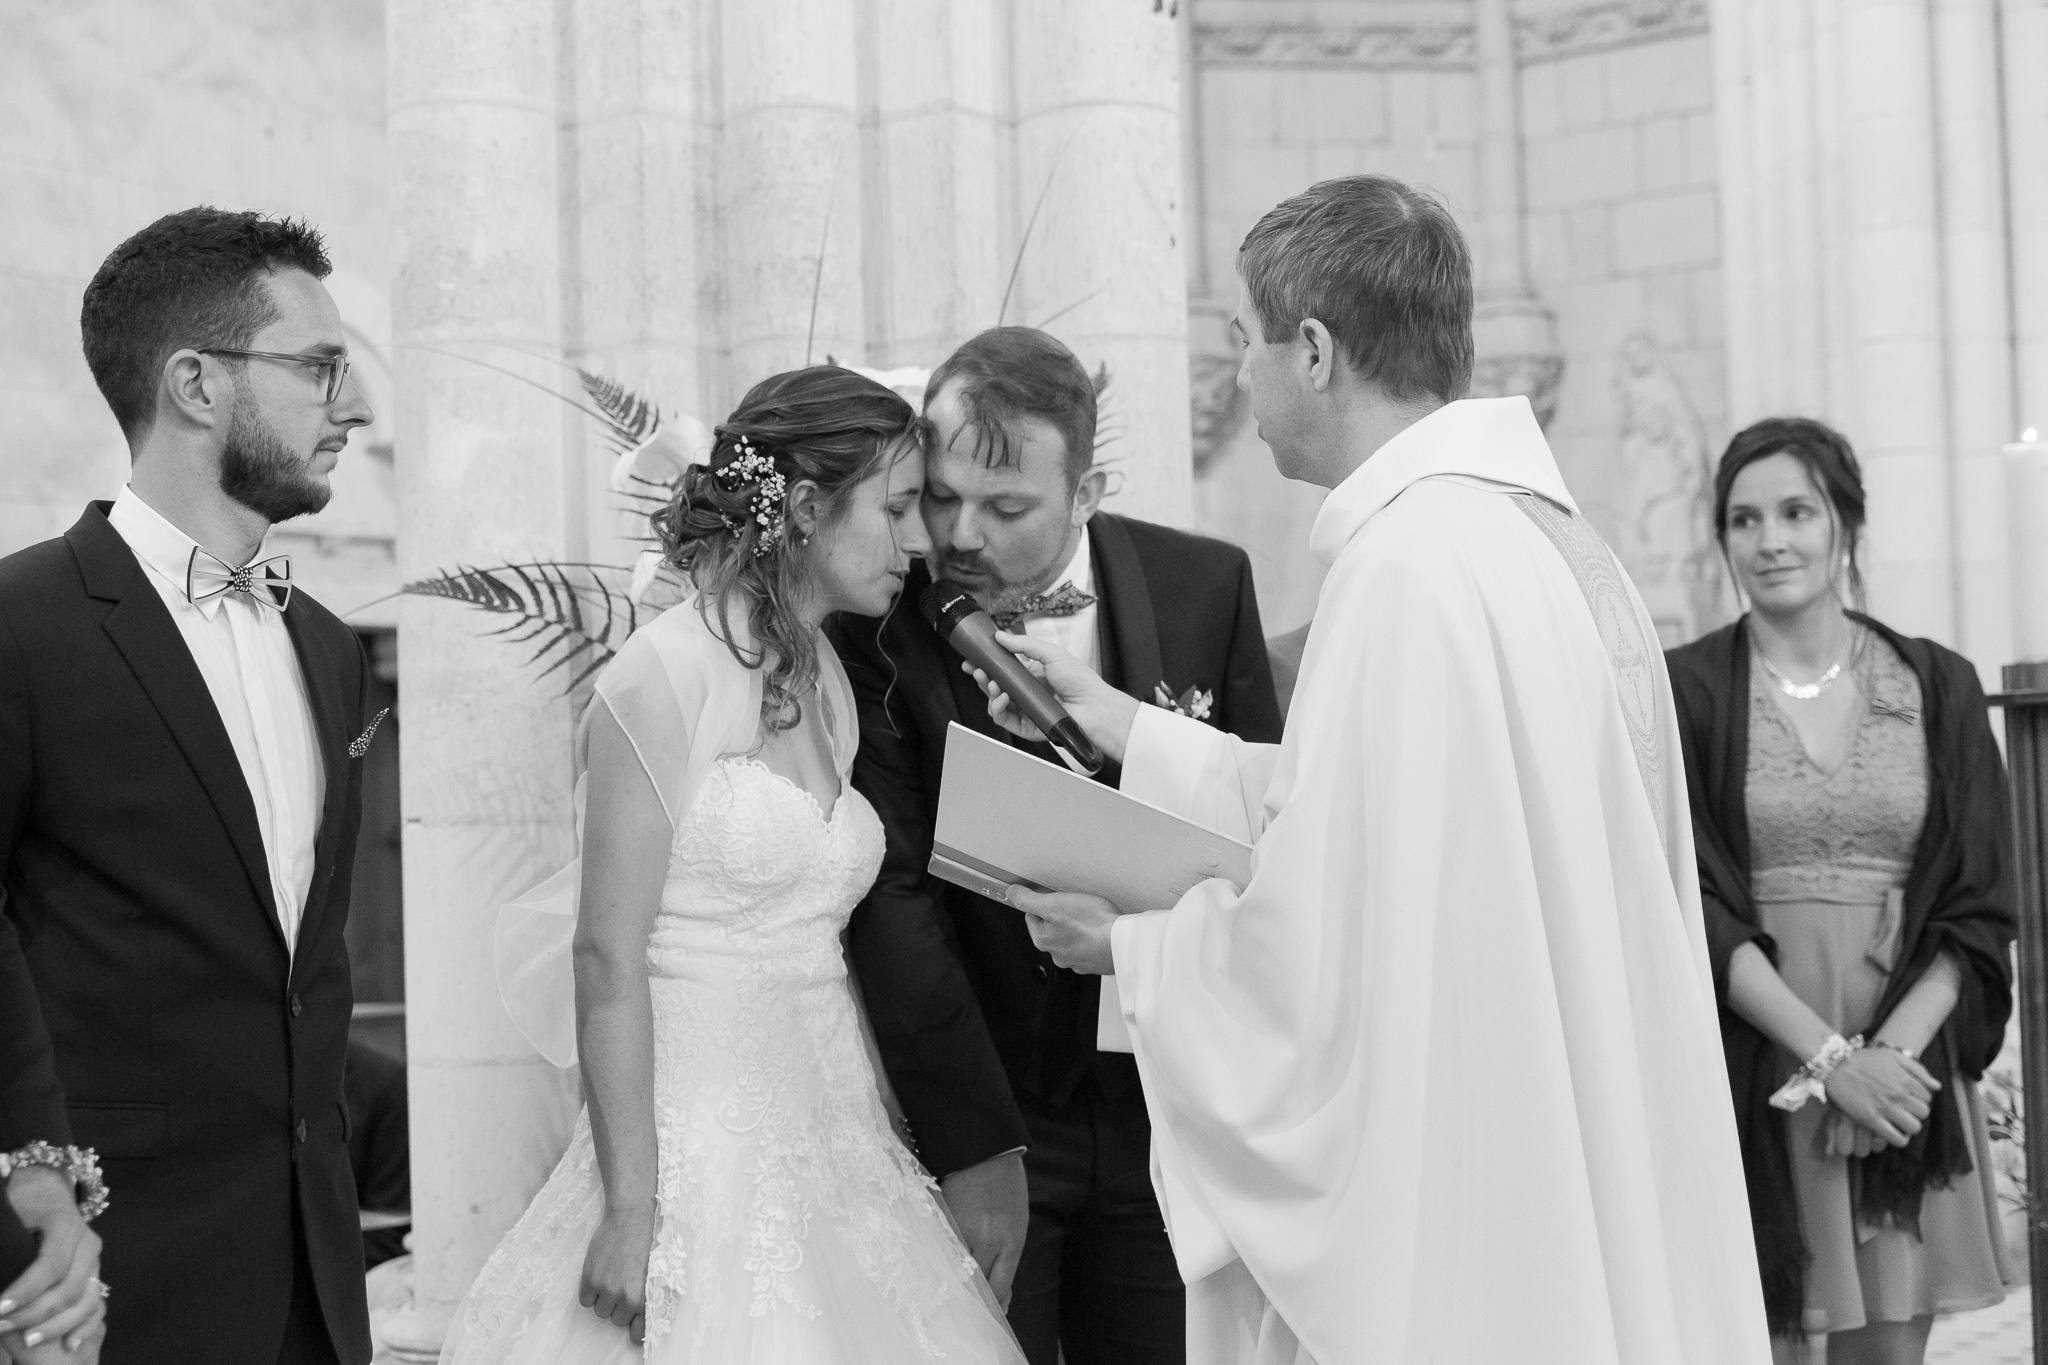 mariage wedding nantes noeud papillon bois atelier dernest 20